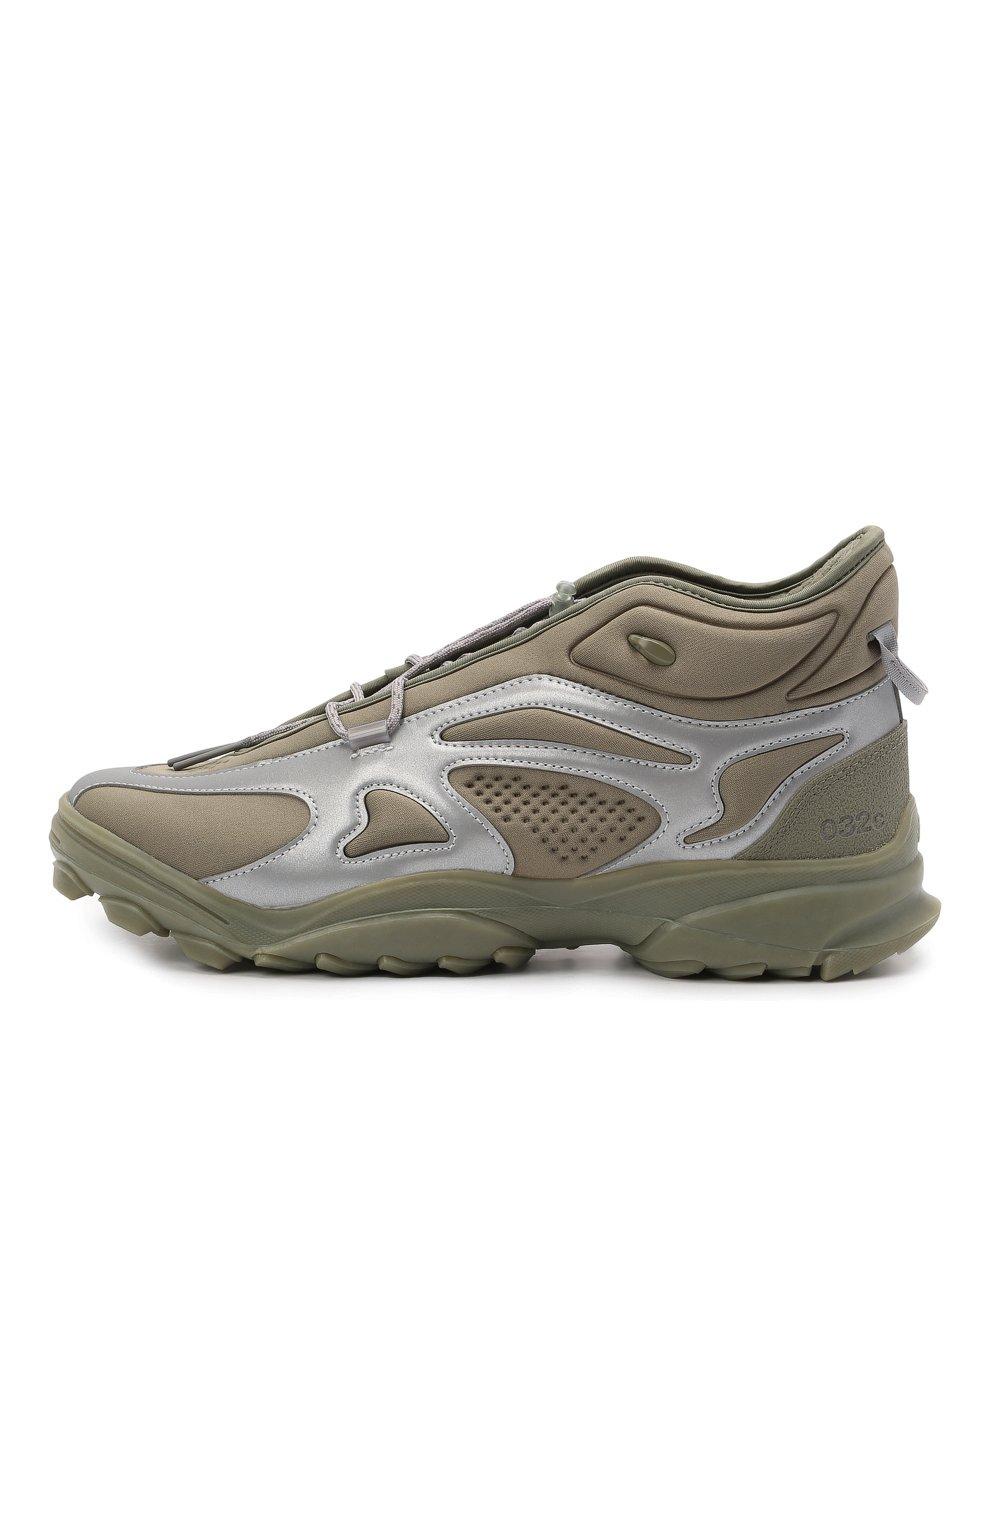 Мужские кроссовки adidas x 032c gsg running tr ADIDAS хаки цвета, арт. FY5376   Фото 3 (Материал внешний: Текстиль; Материал внутренний: Текстиль; Подошва: Массивная)